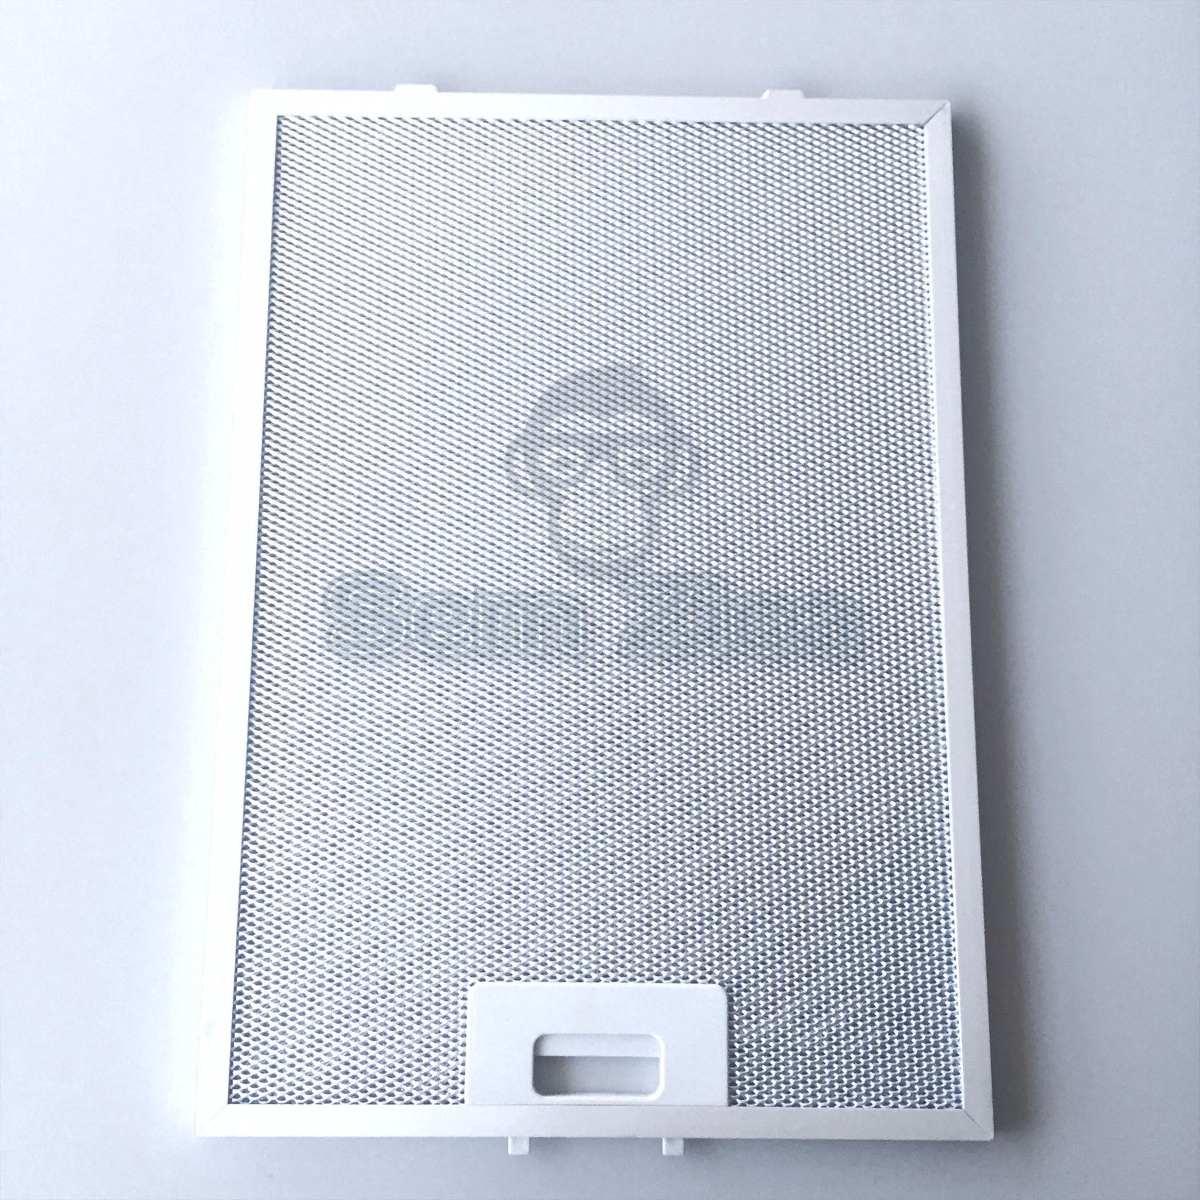 filtro tela met u00e1lico aluminio lav u00e1vel coifa electrolux